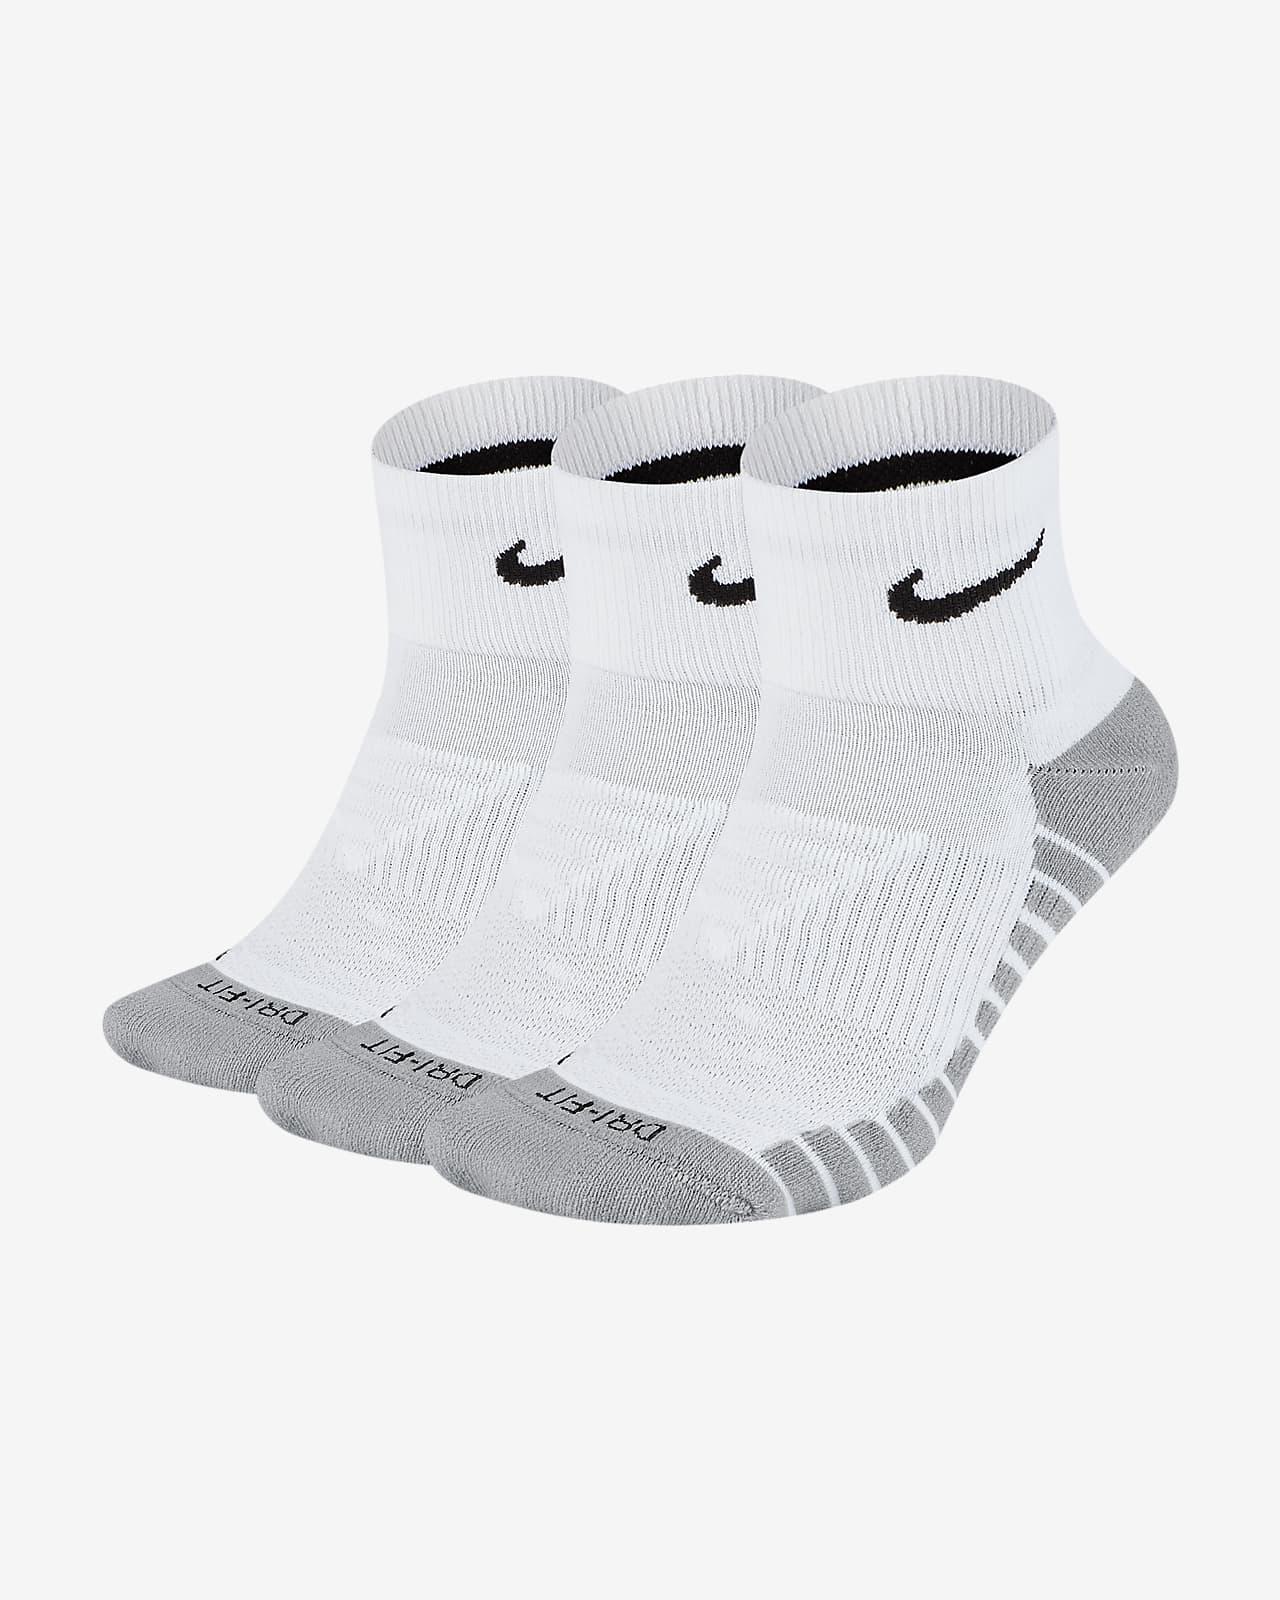 Calcetines cortos de entrenamiento Nike Everyday Max Cushioned (3 pares)